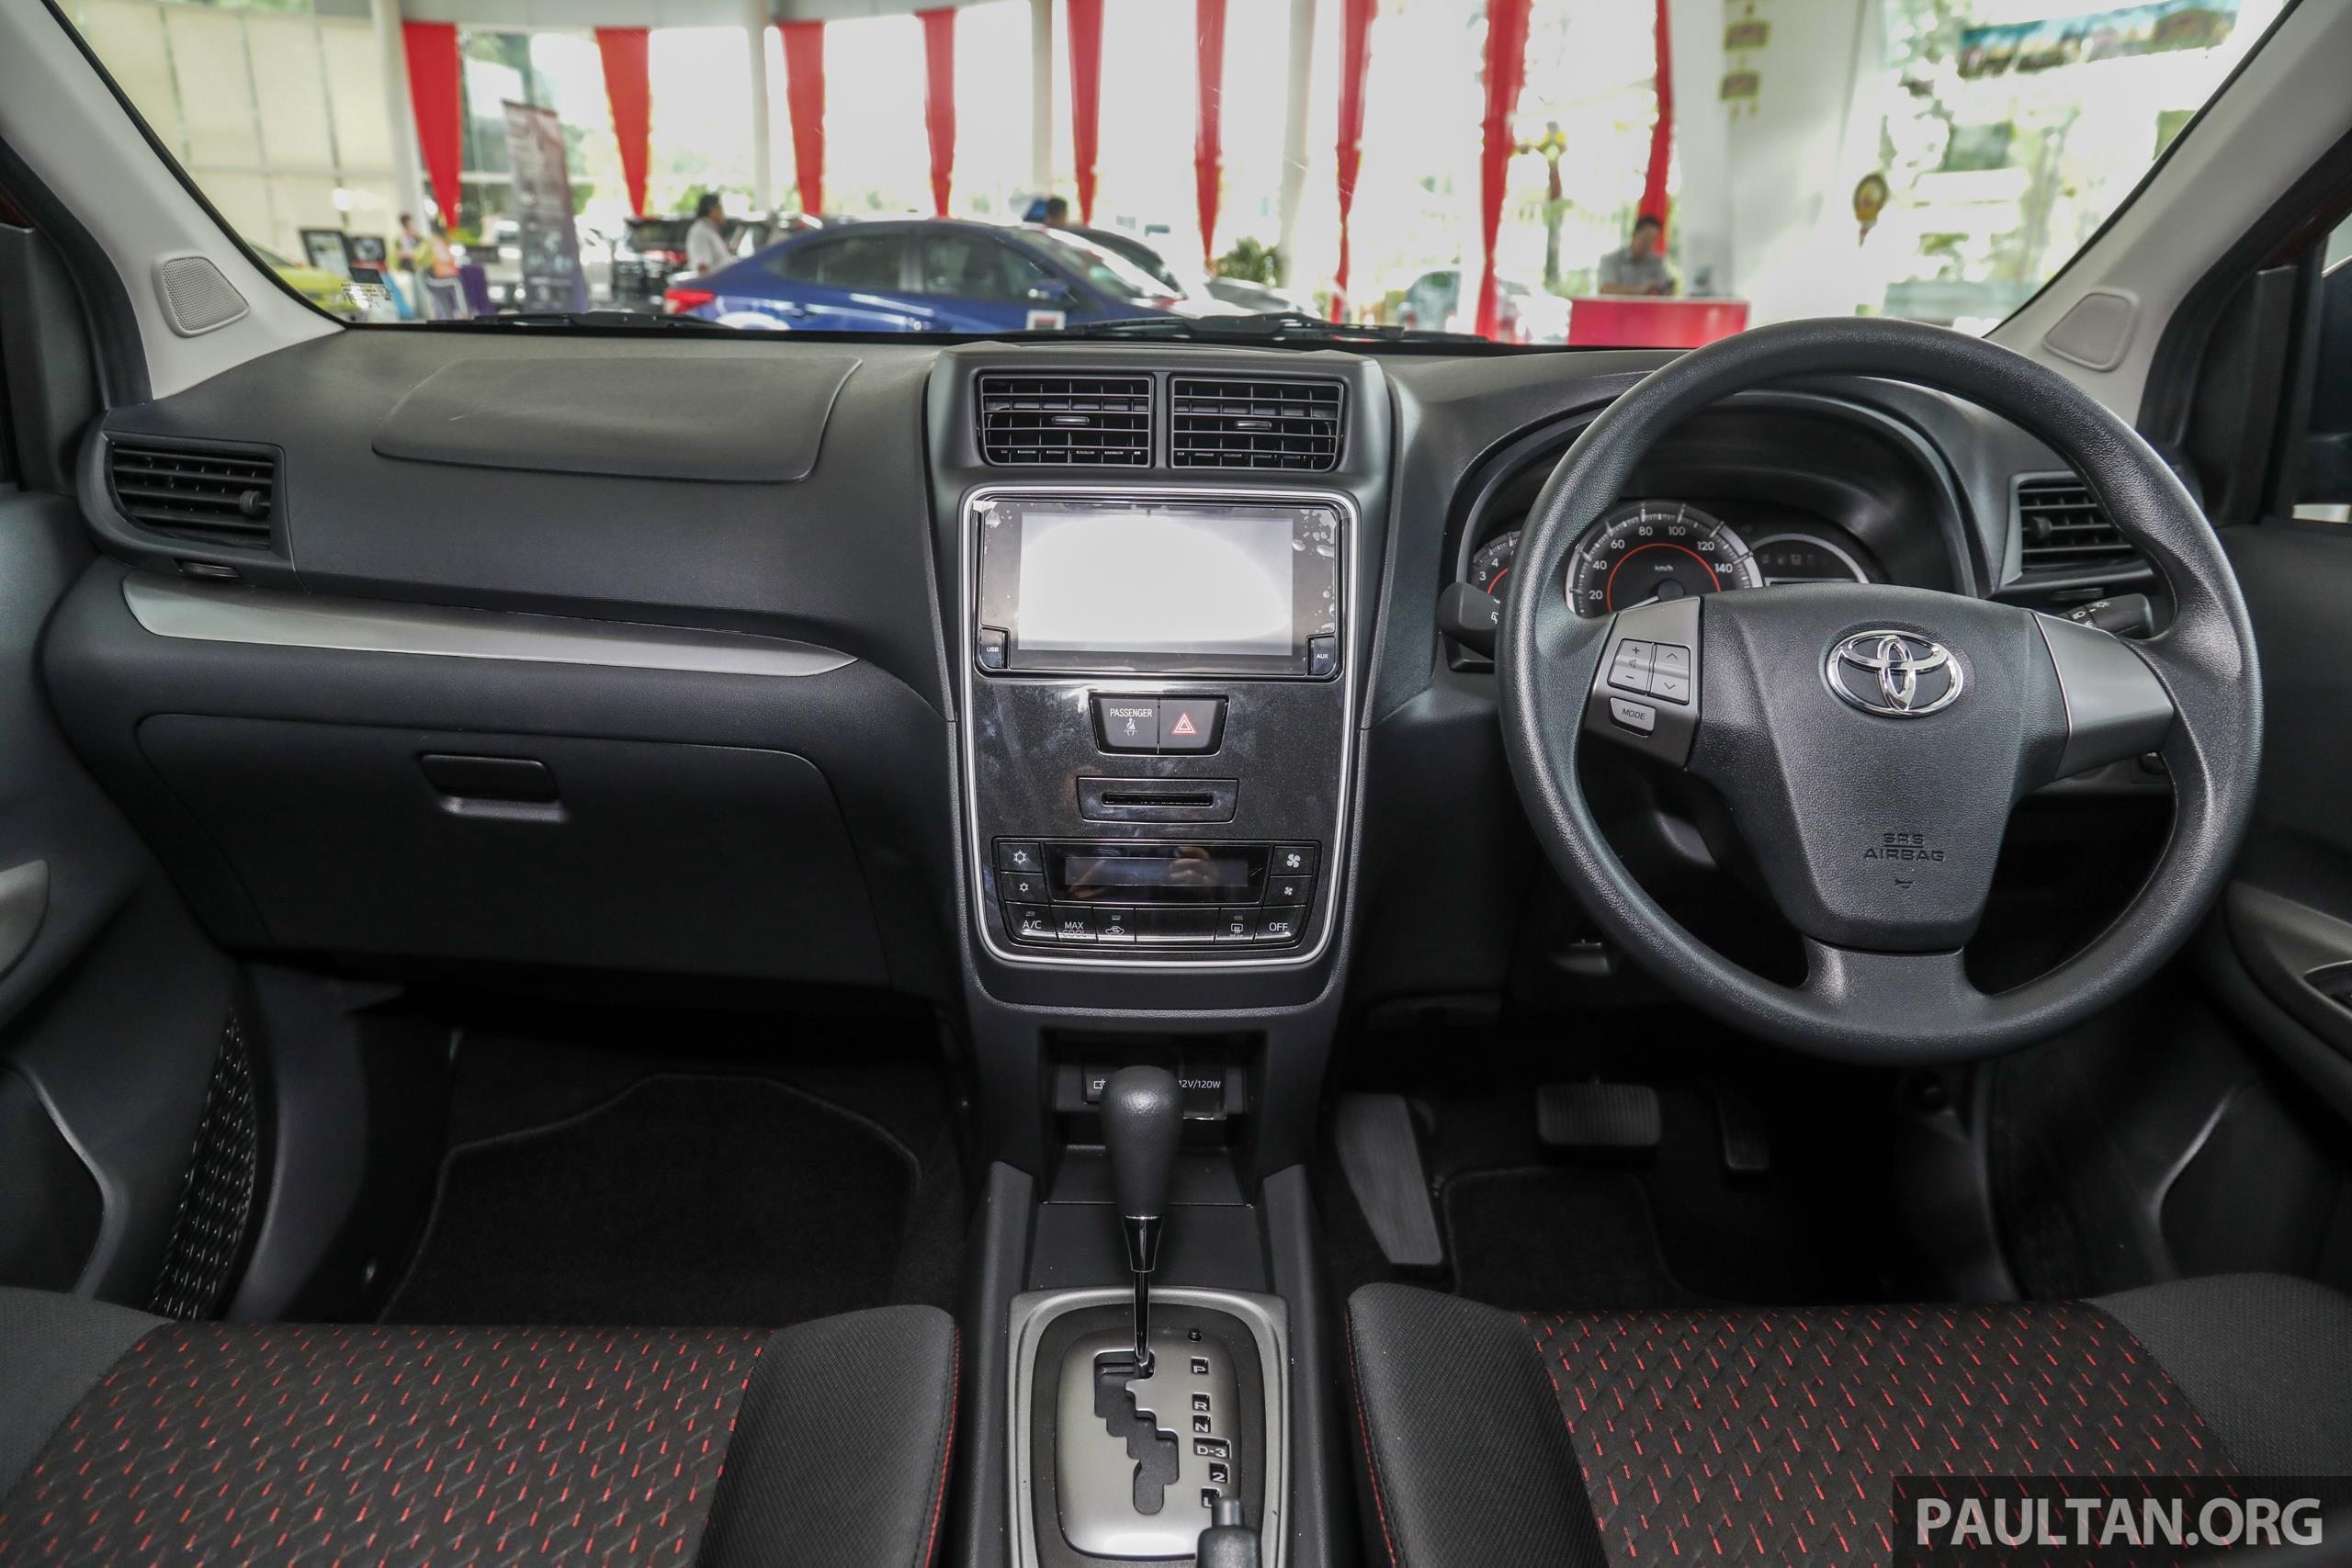 'Xe cỏ' Toyota Avanza 2019 thay đổi thiết kế, có thêm cảnh báo điểm mù Ảnh 6